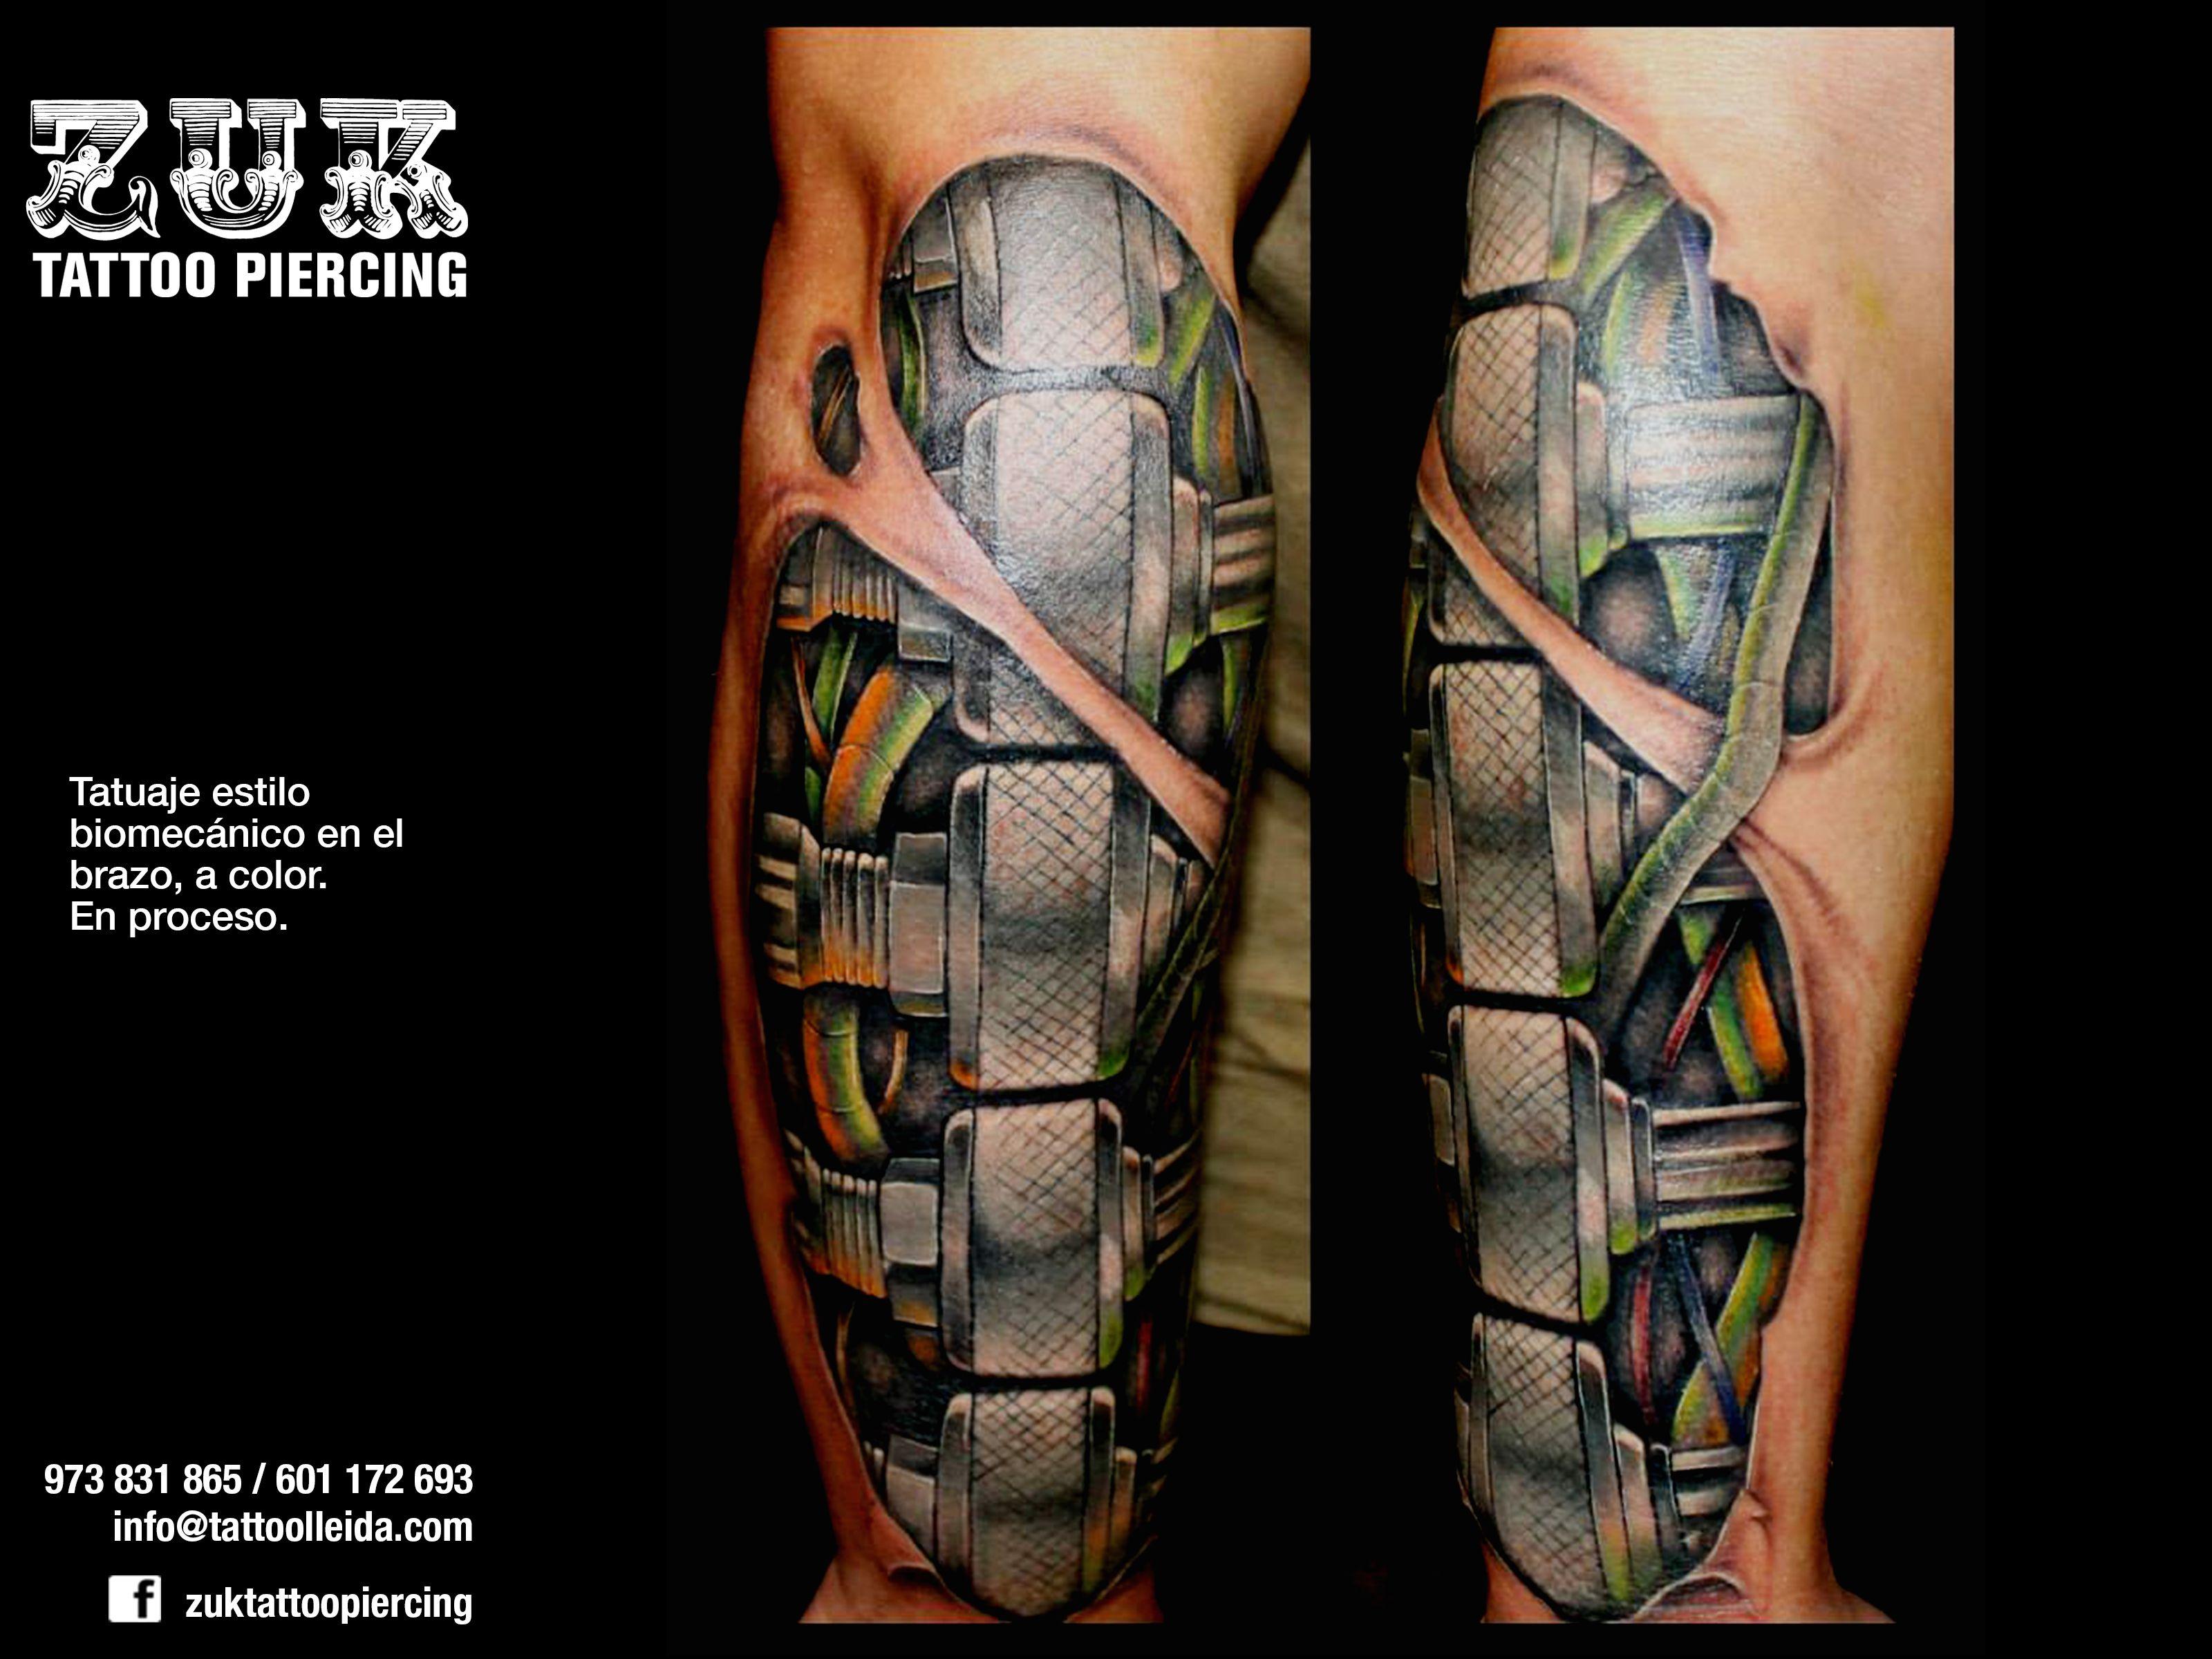 Tatuaje estilo biomecánico en el brazo, a color. En proceso.